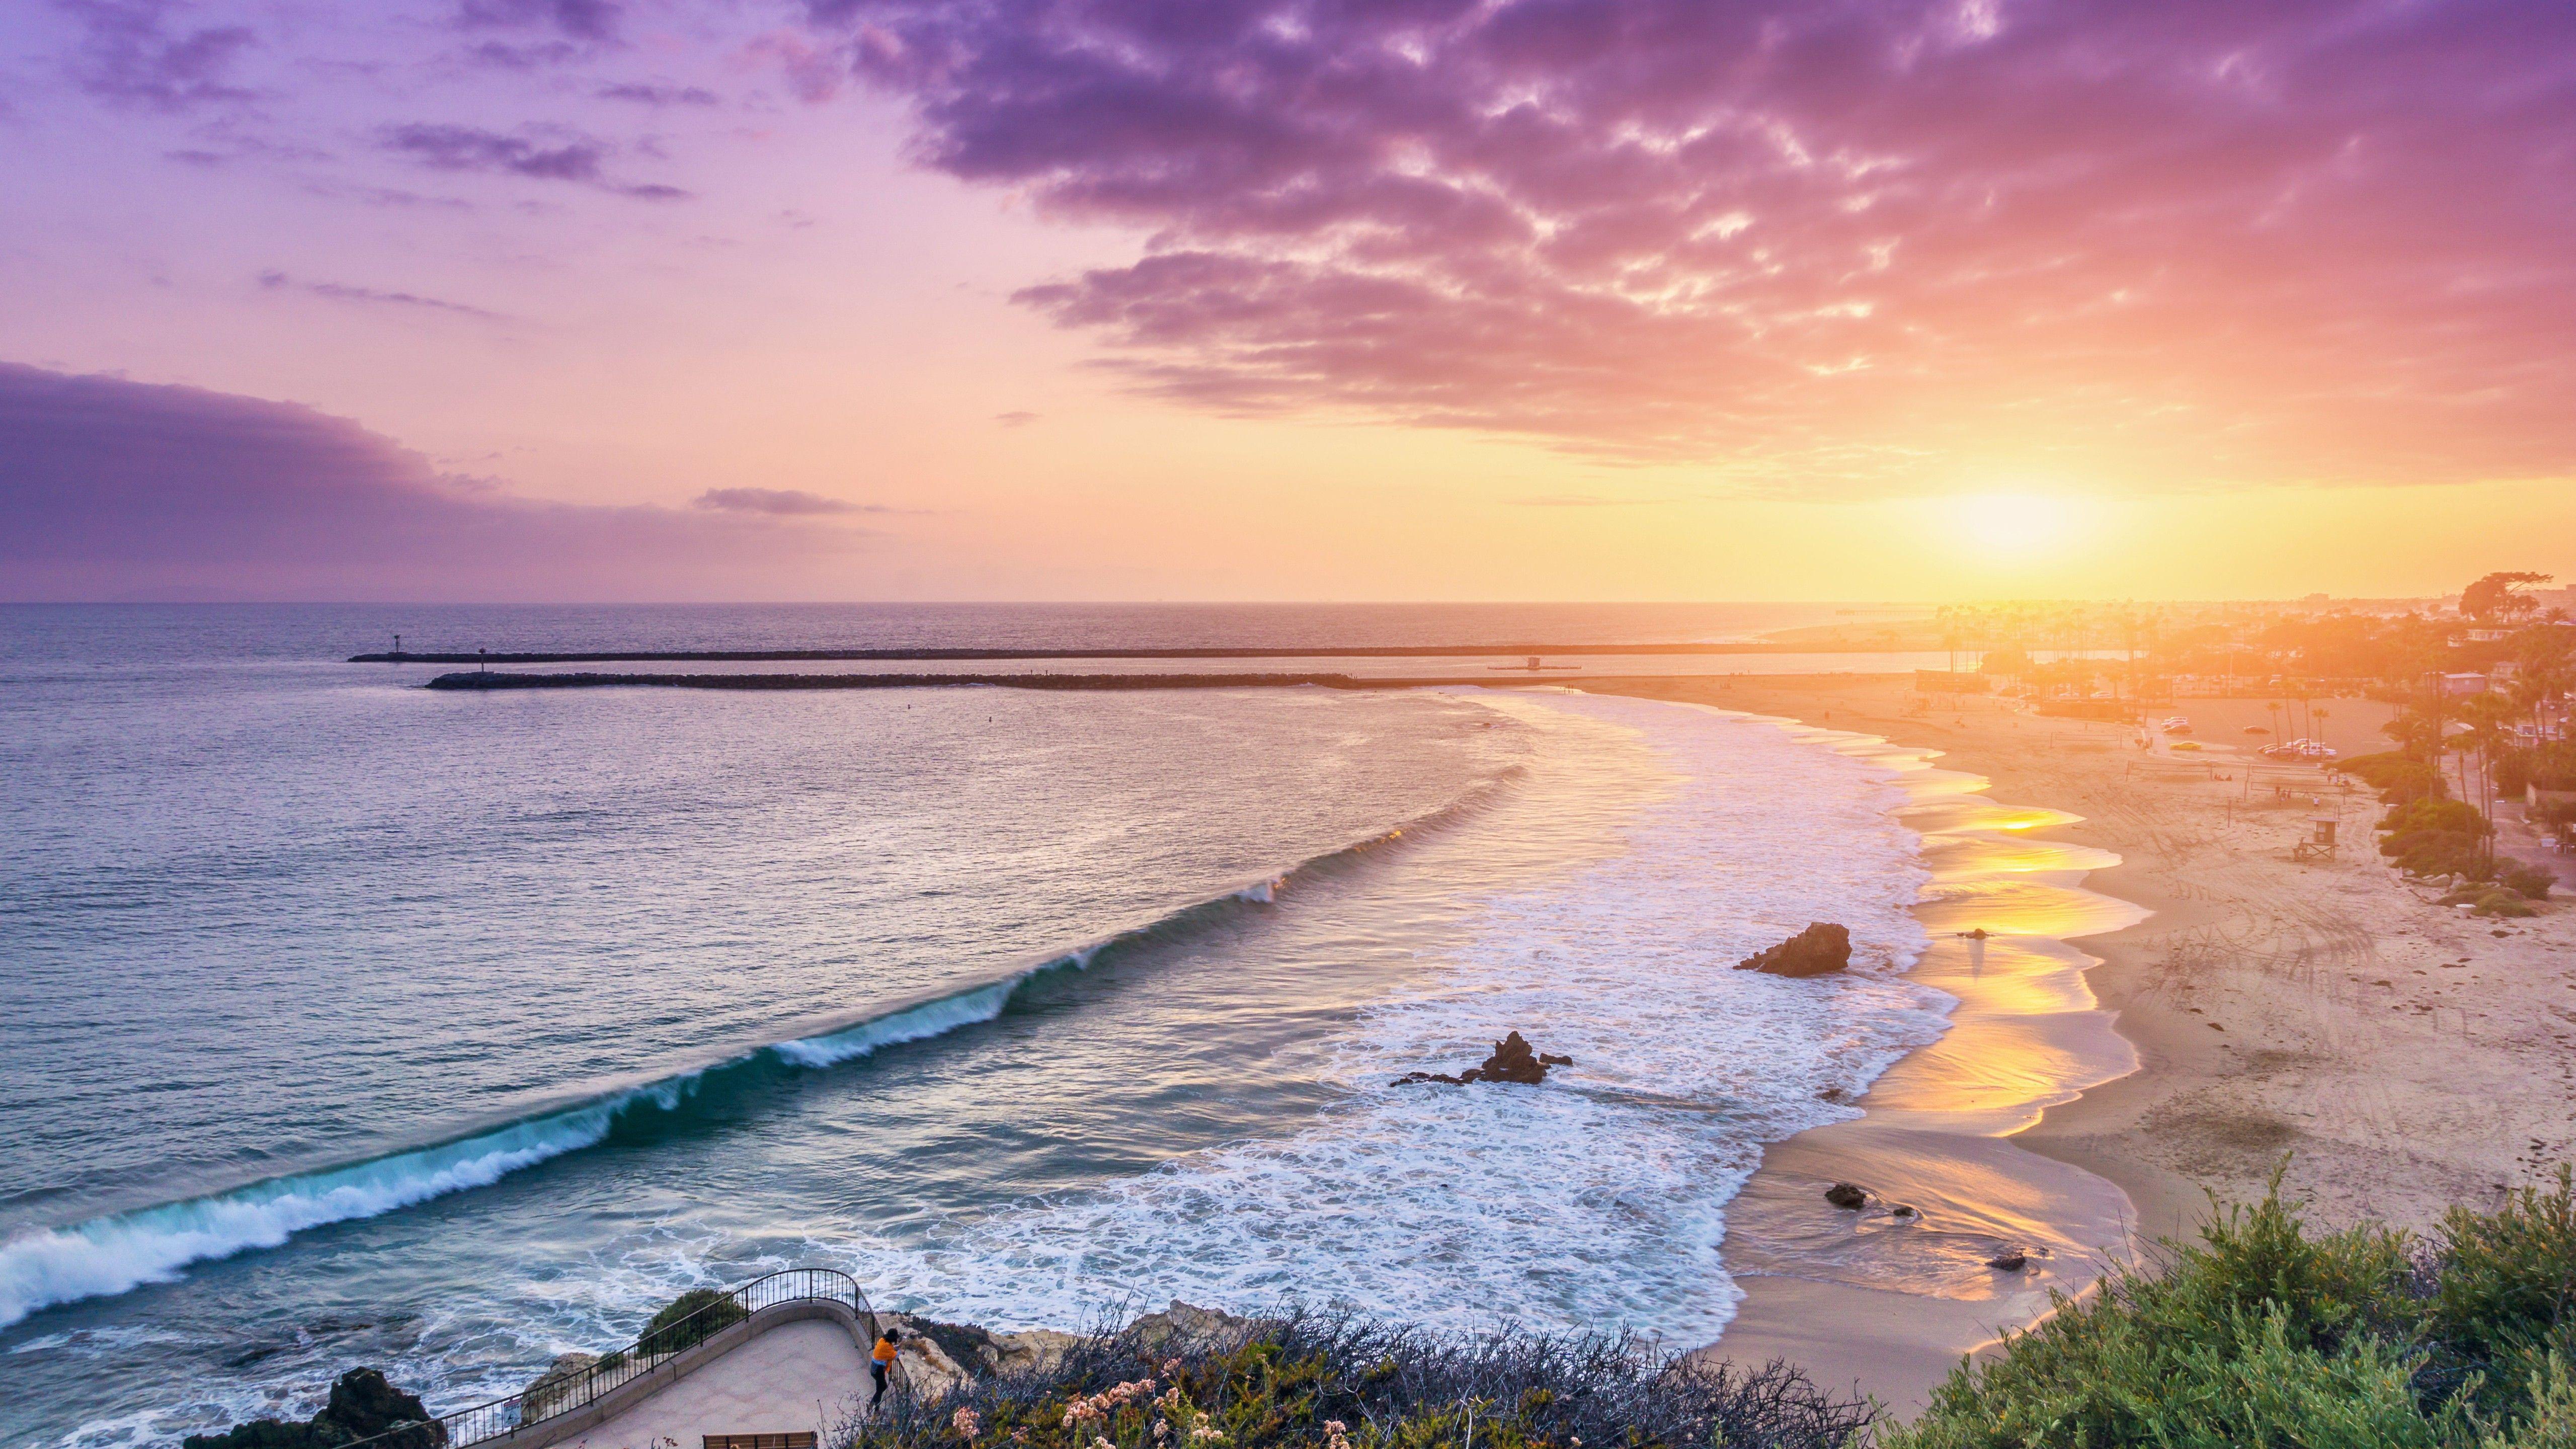 Hình nền bãi biển và đảo 5120x2880